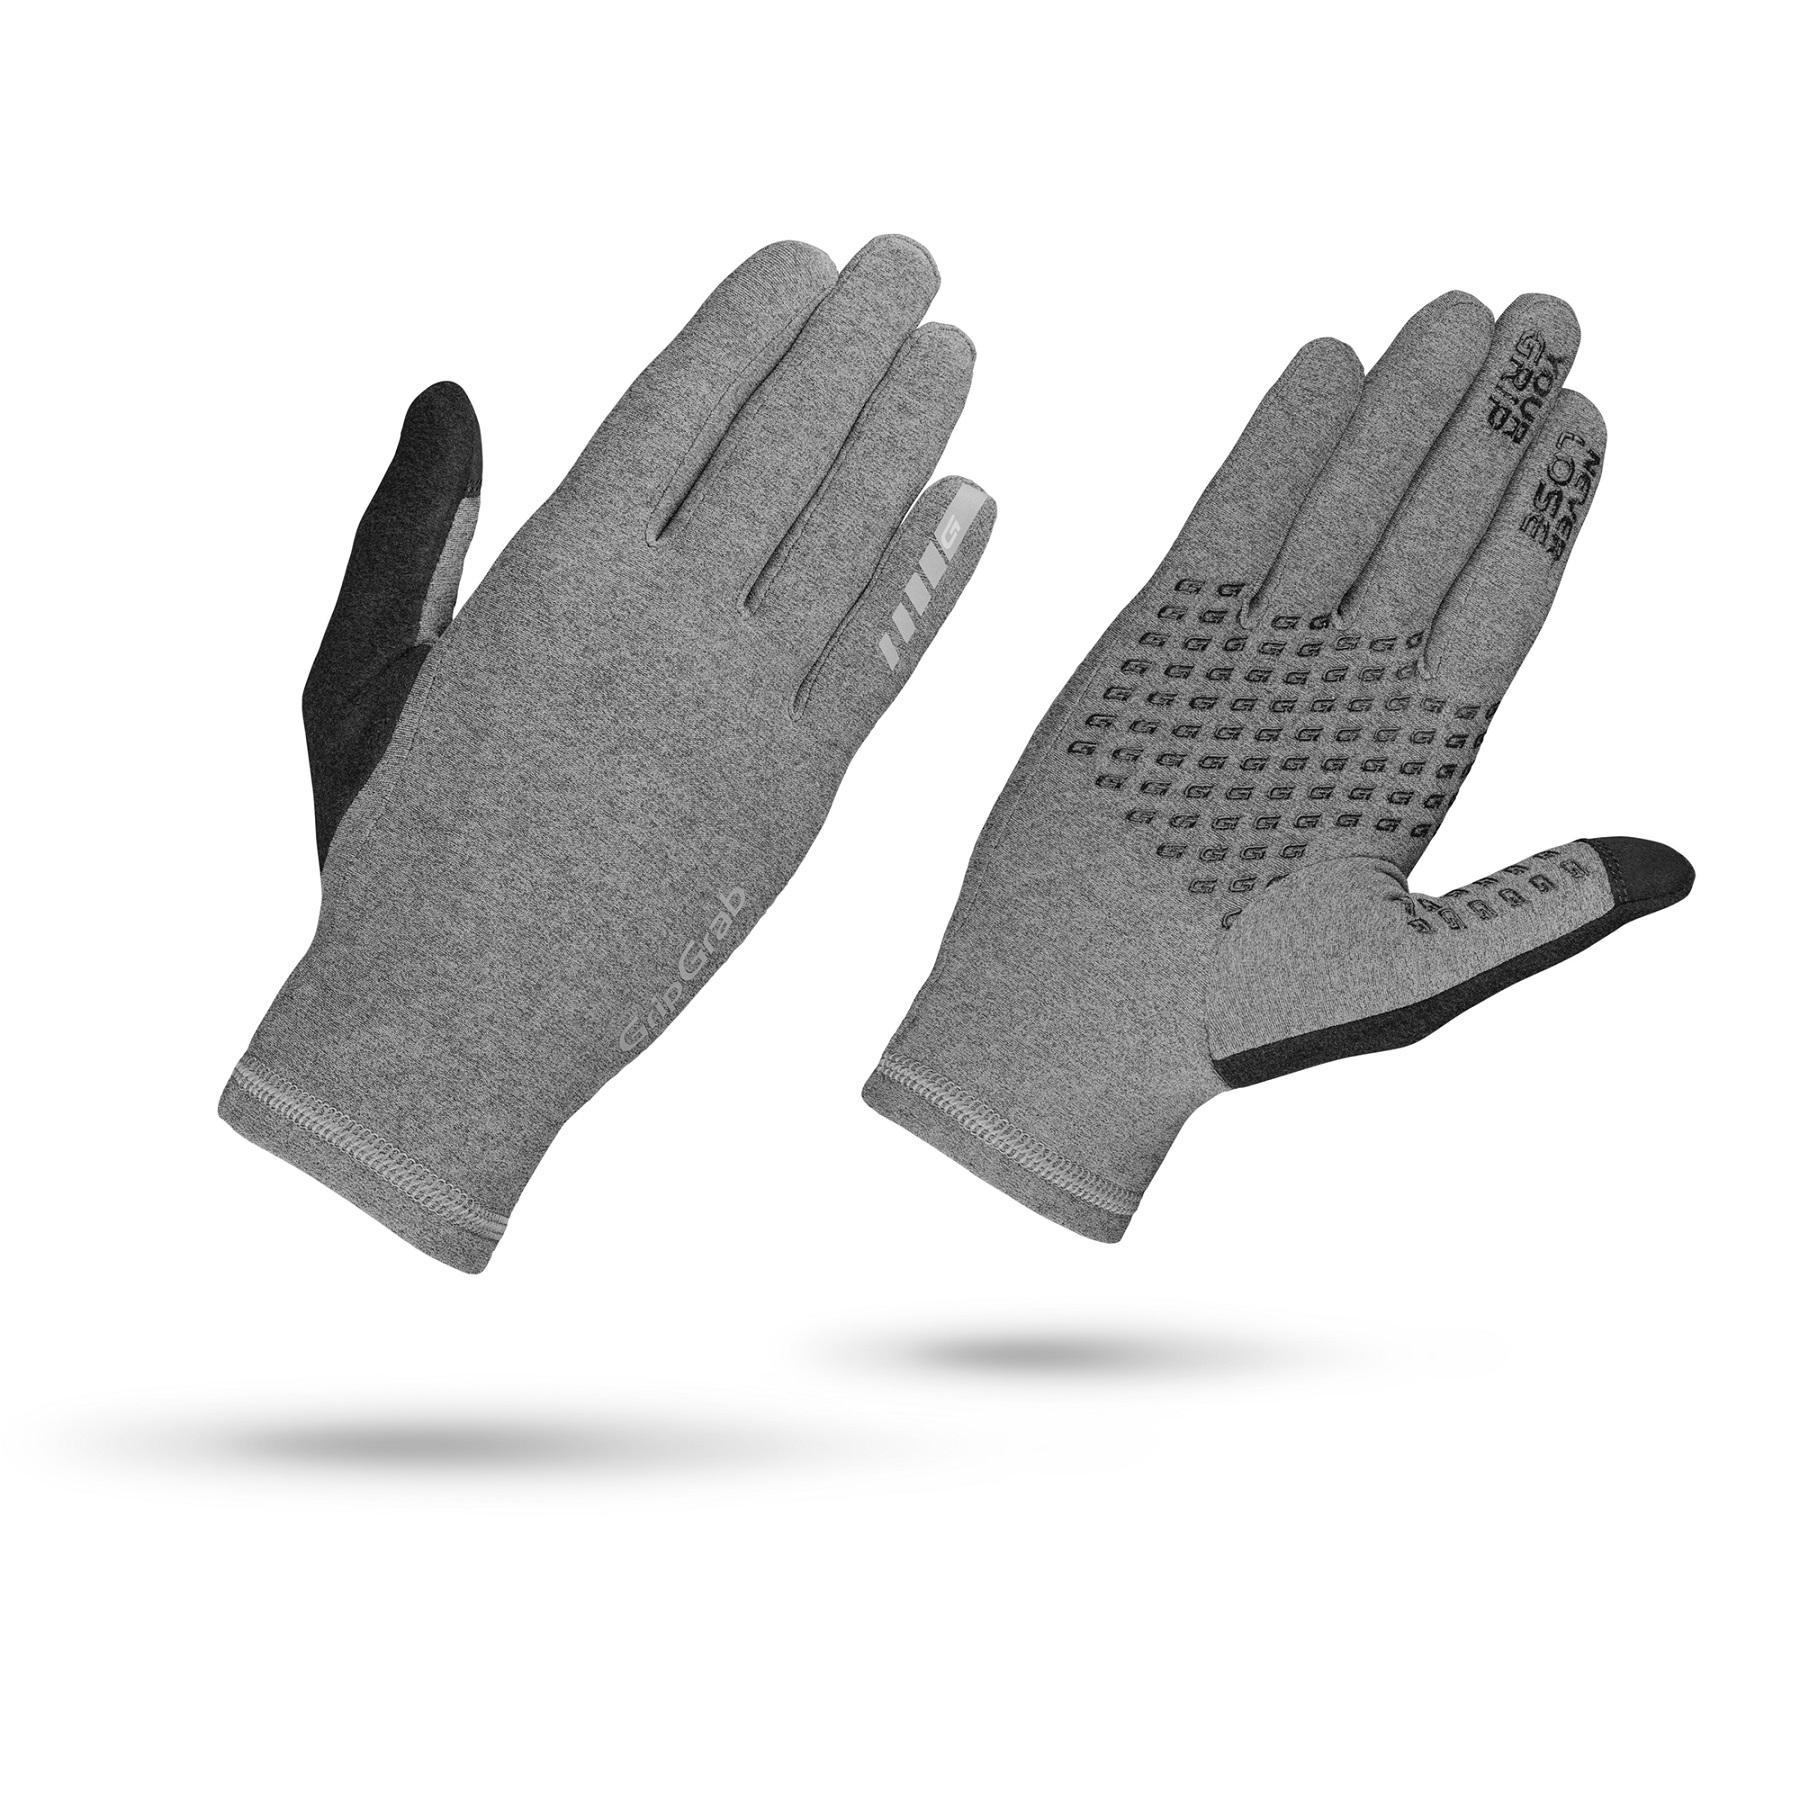 GripGrab Insulator damehandsker grå   Handsker